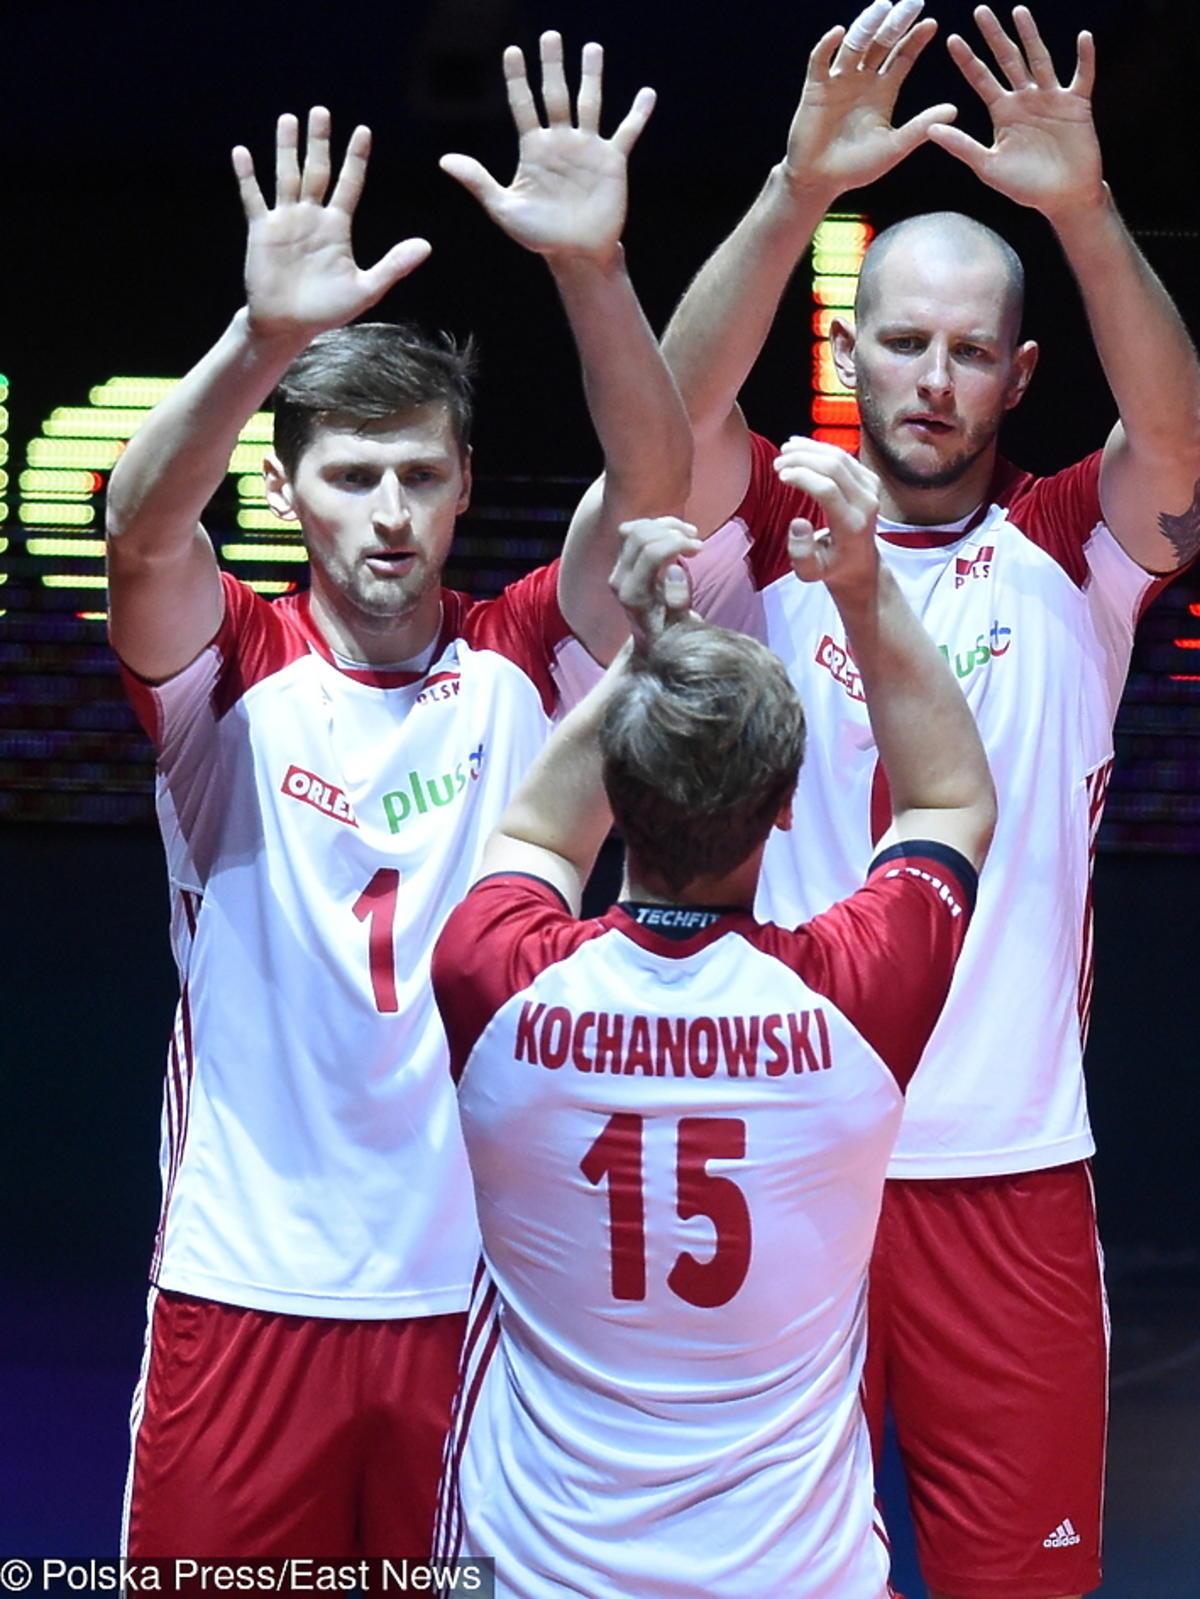 Polscy piłkarze nie pogratulowali siatkarzom